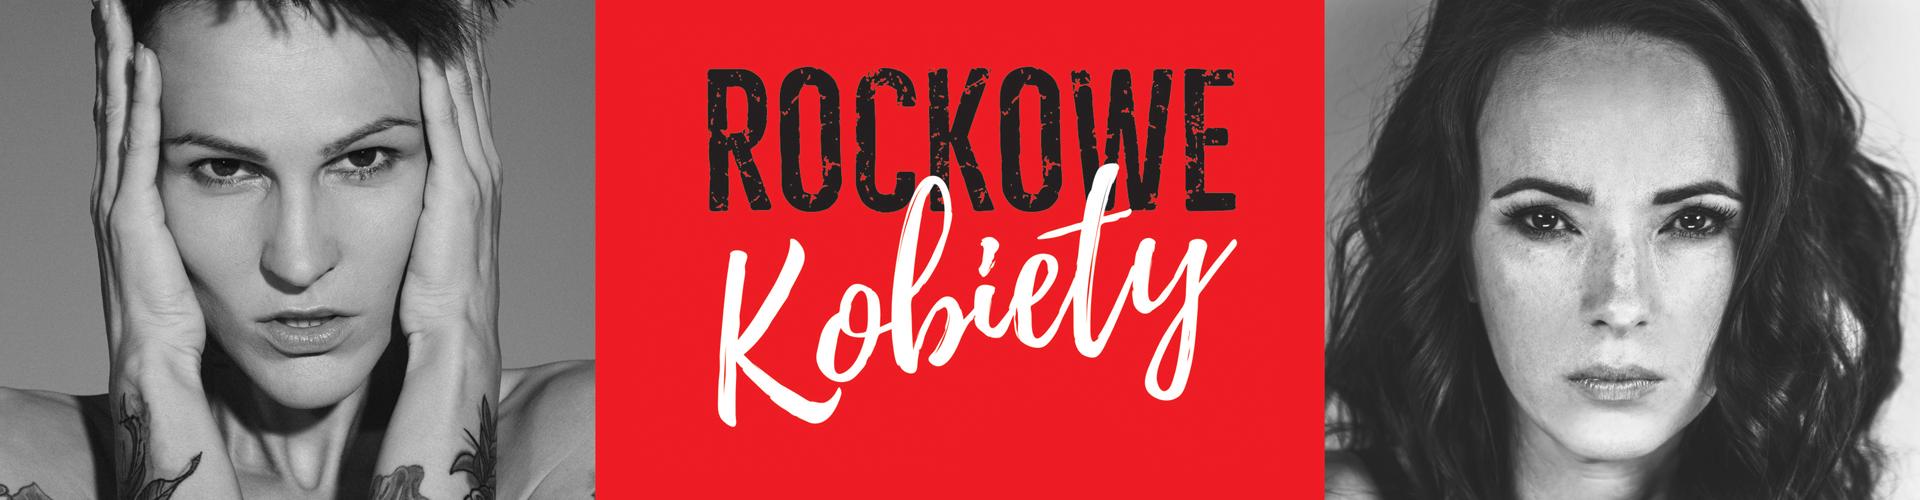 slide_rockowekobiety_2017